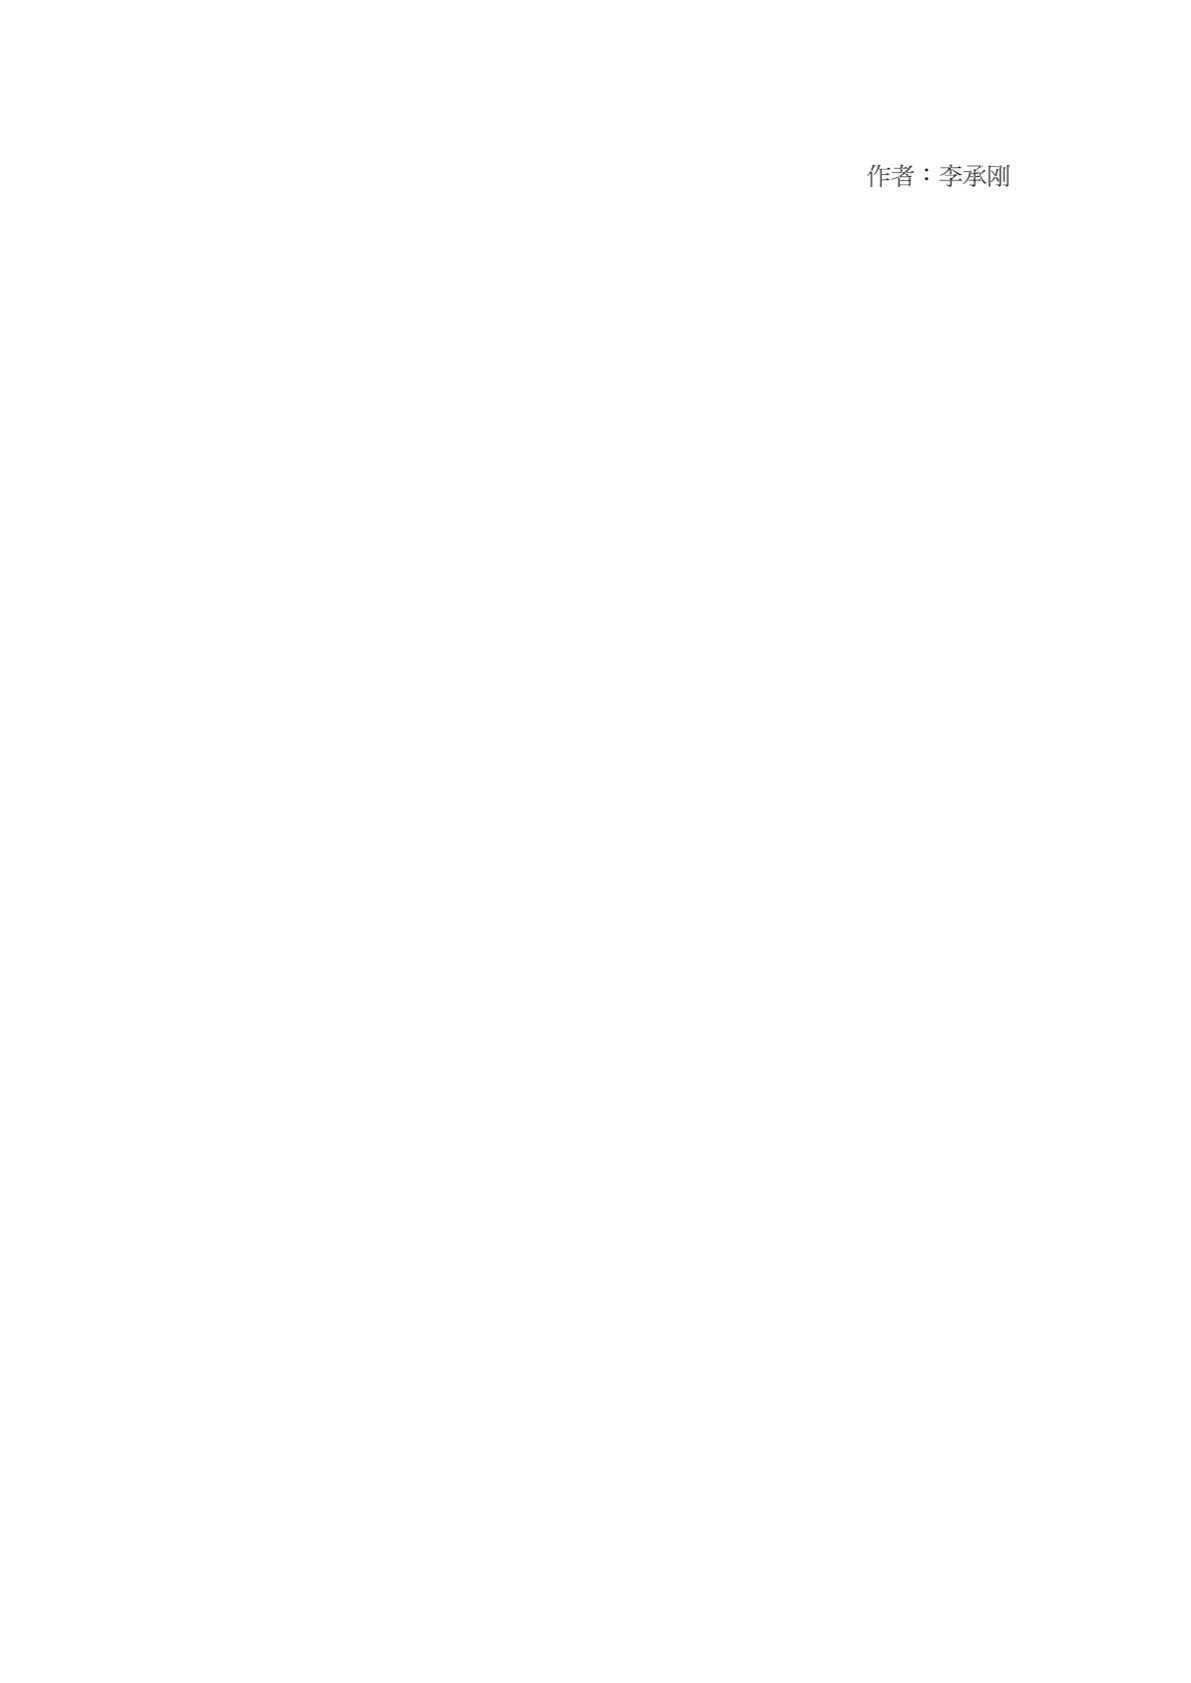 防水行业面临危机警惕房屋渗漏通病反弹!-建筑其他相关论文-图二